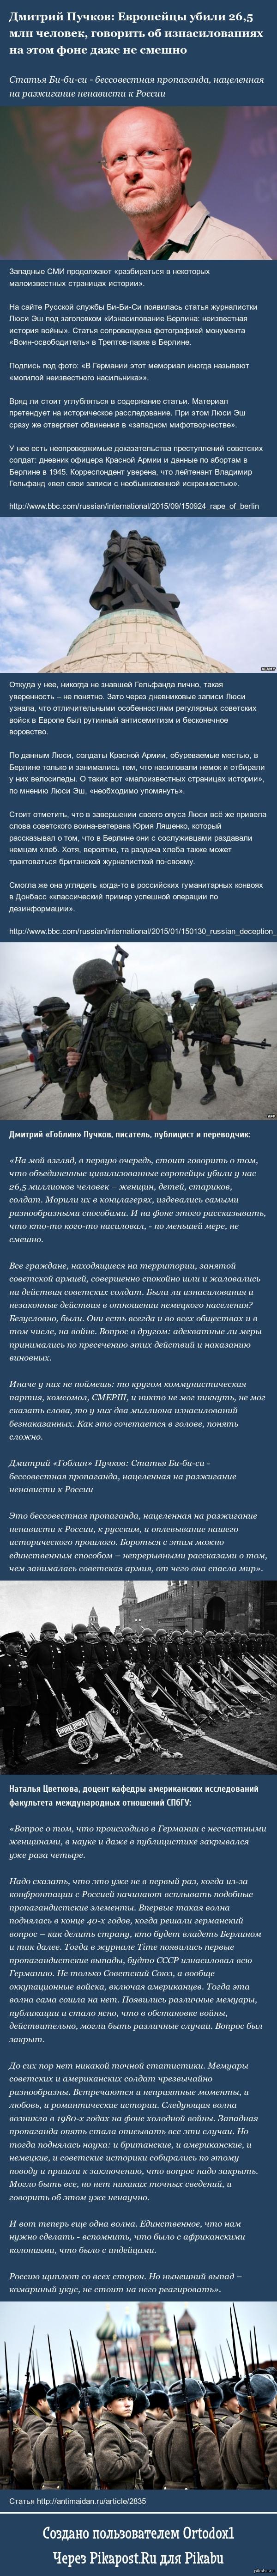 Дмитрий «Гоблин» Пучков: Статья Би-би-си - бессовестная пропаганда, нацеленная на разжигание ненависти к России ссылка http://antimaidan.ru/article/2835 доп ссылки внутри